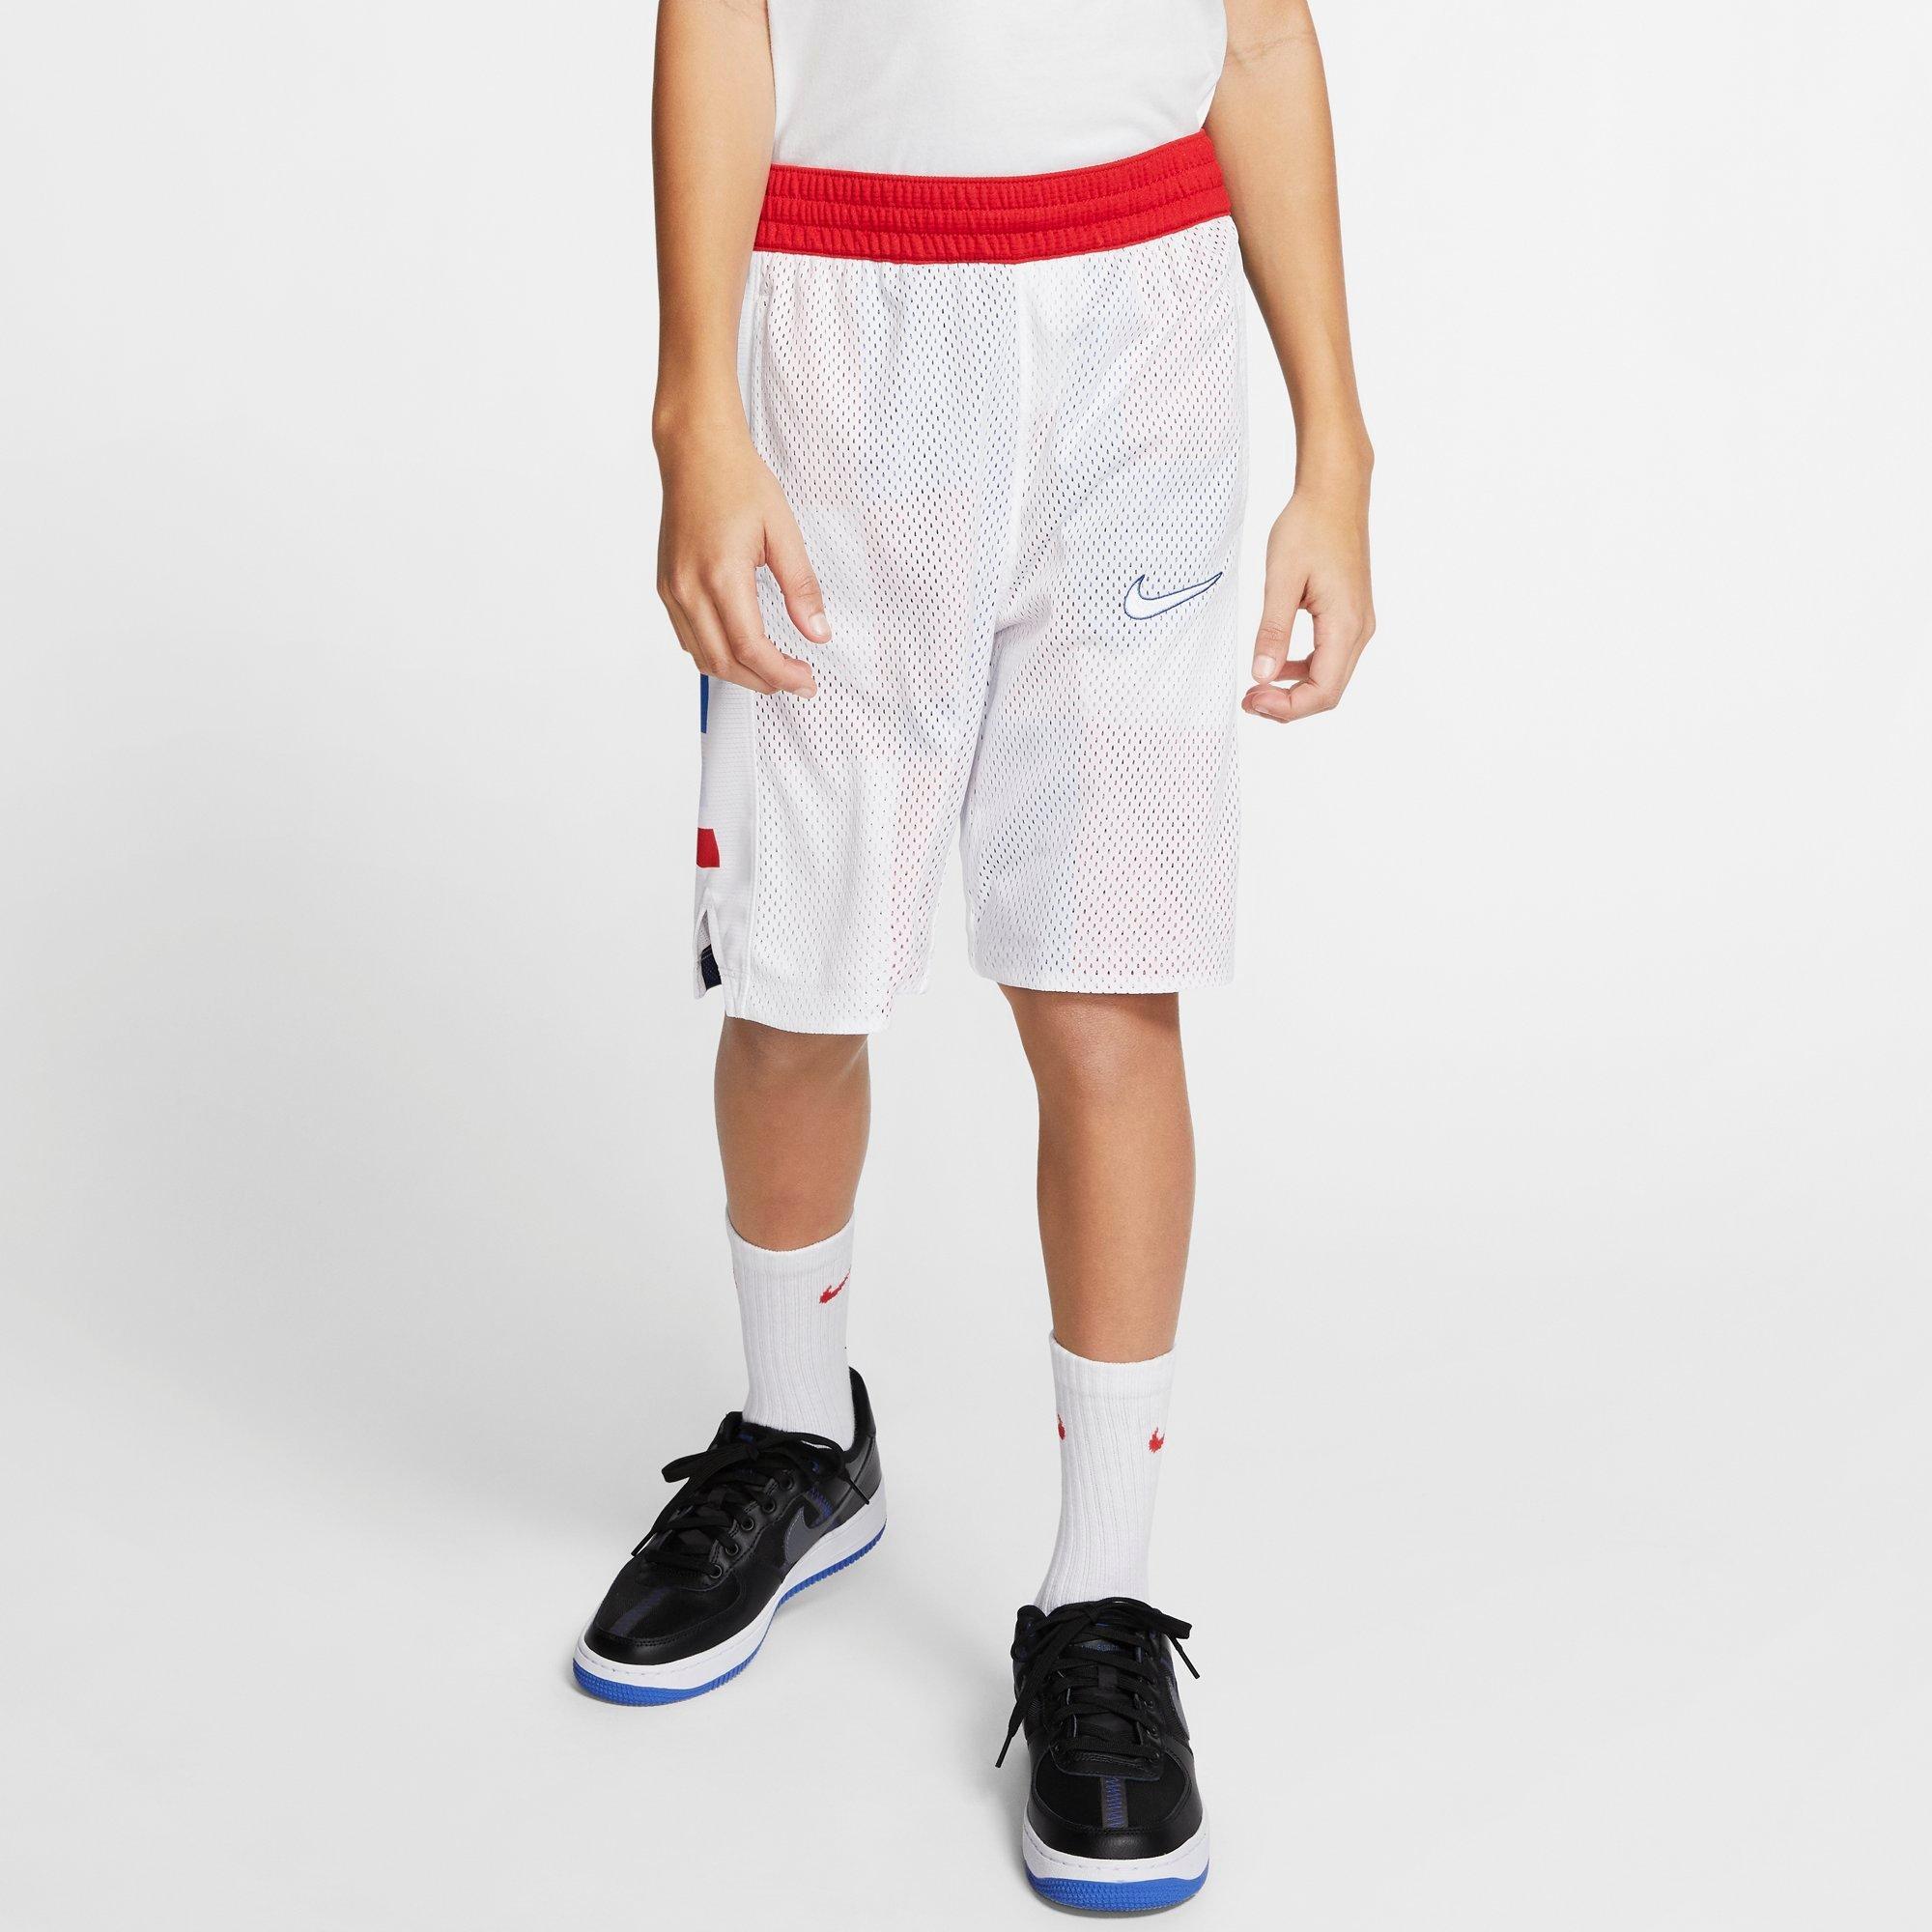 Nike Men's Elite Basketball Training Shorts AJ4213 Red//Black 657 size L